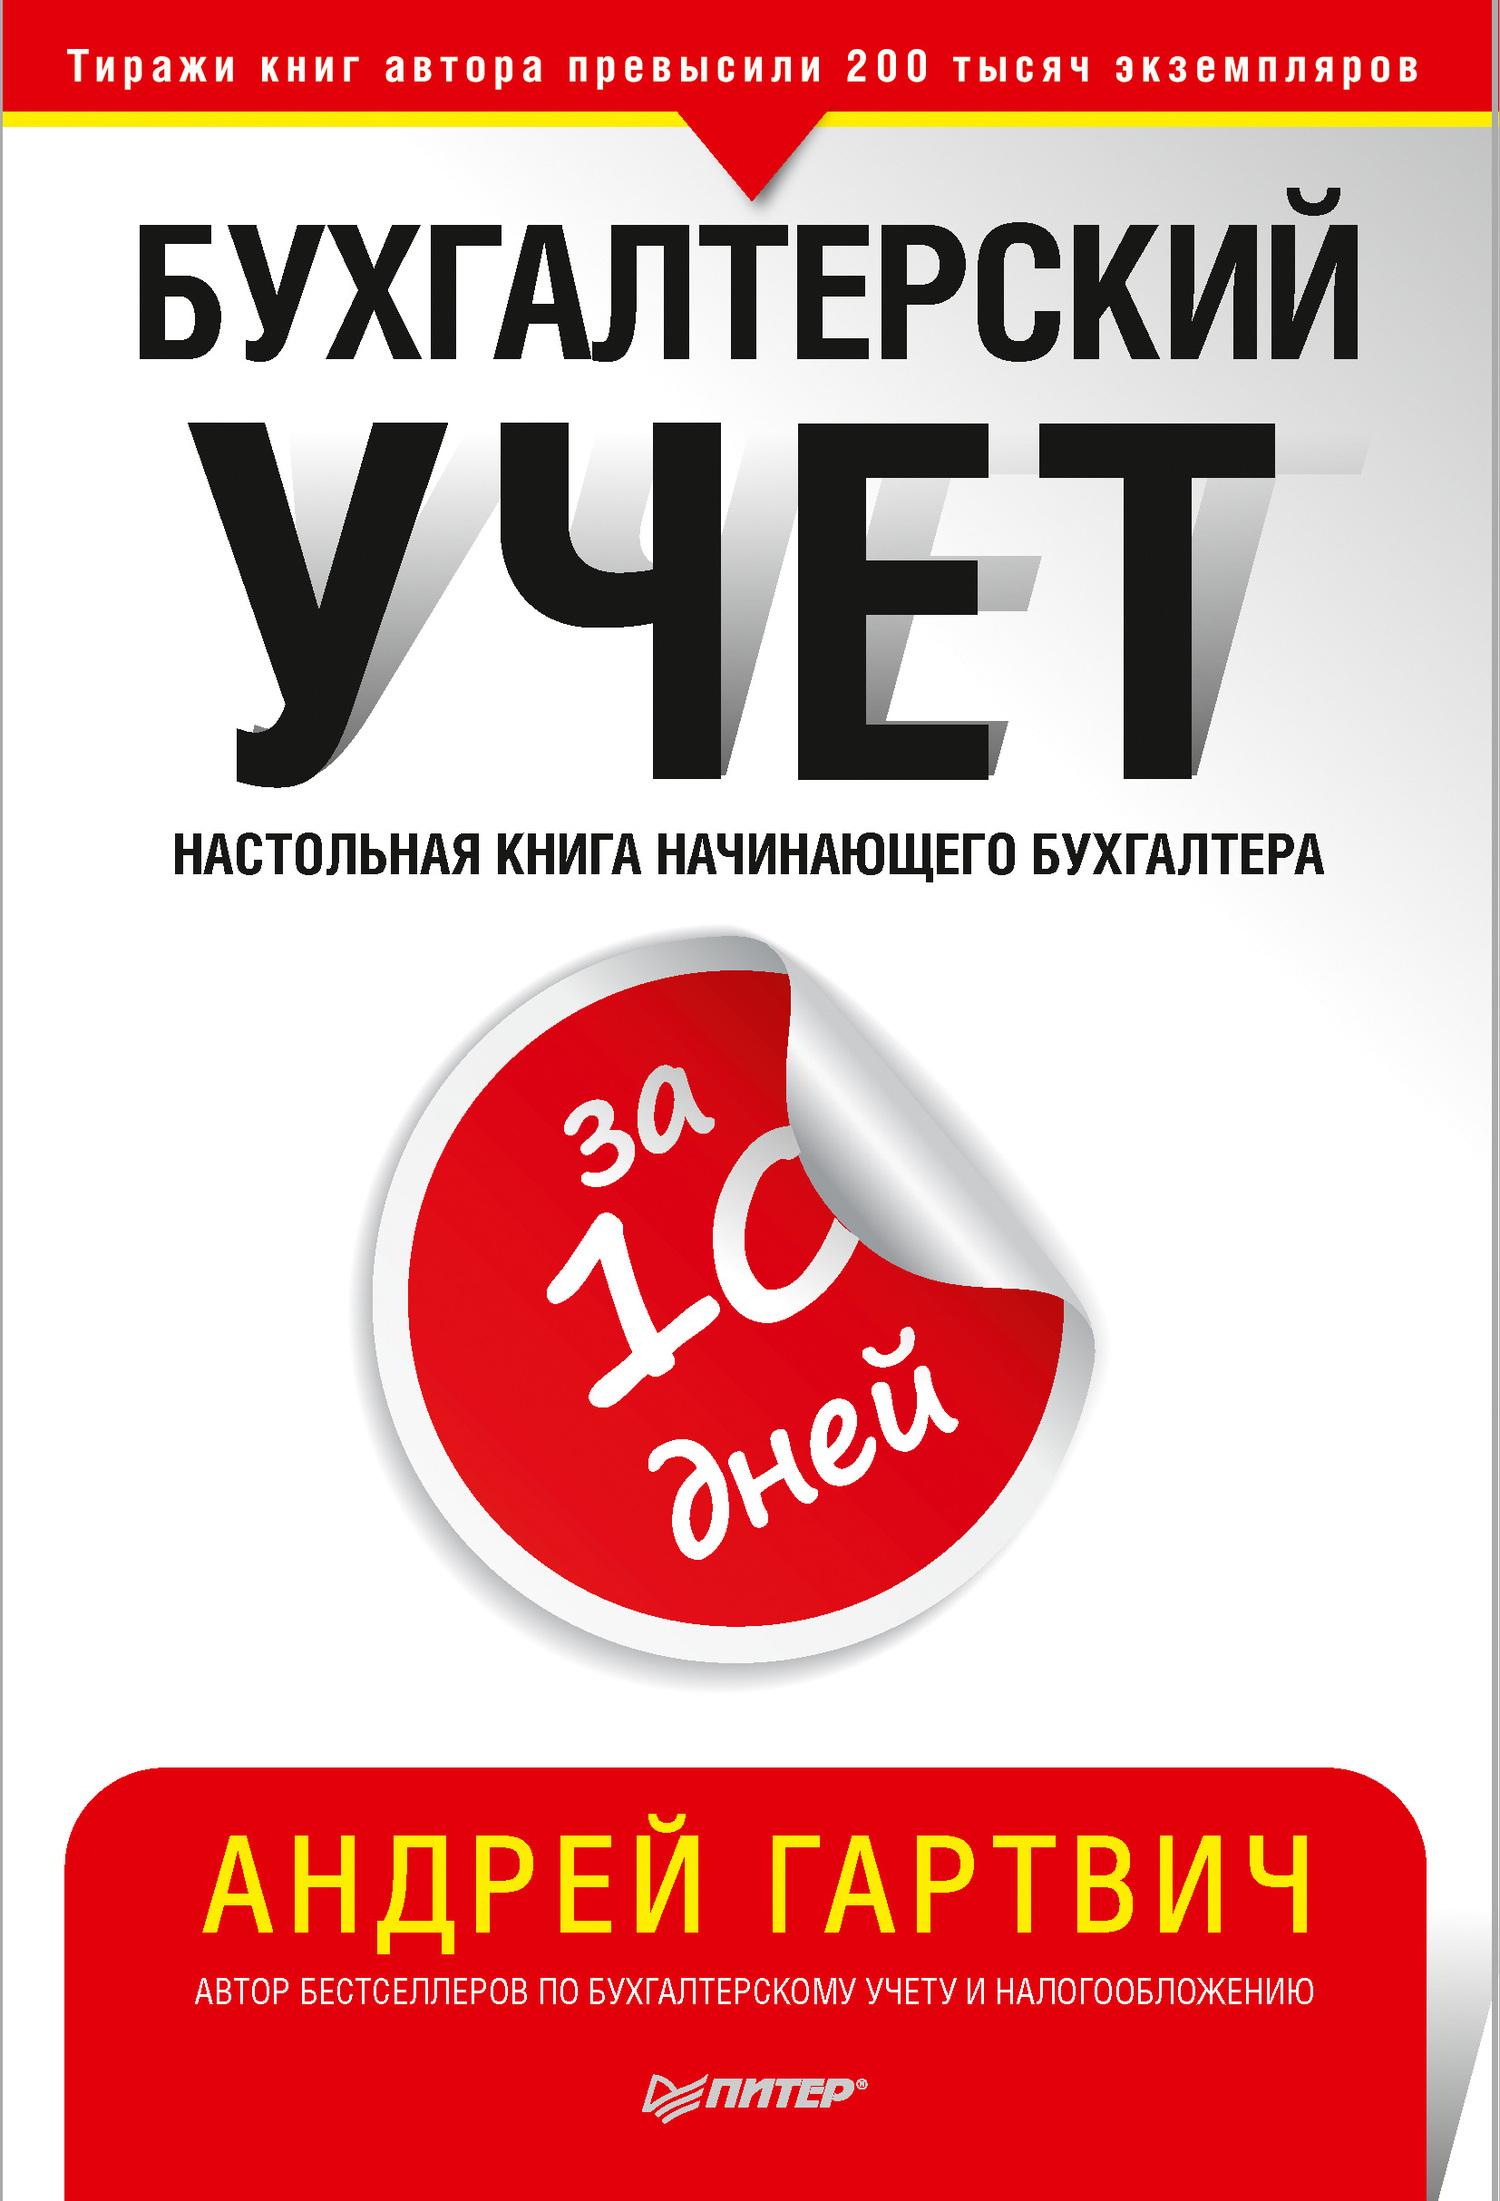 Обложка книги Бухгалтерский учет за 10 дней, автор Андрей Гартвич